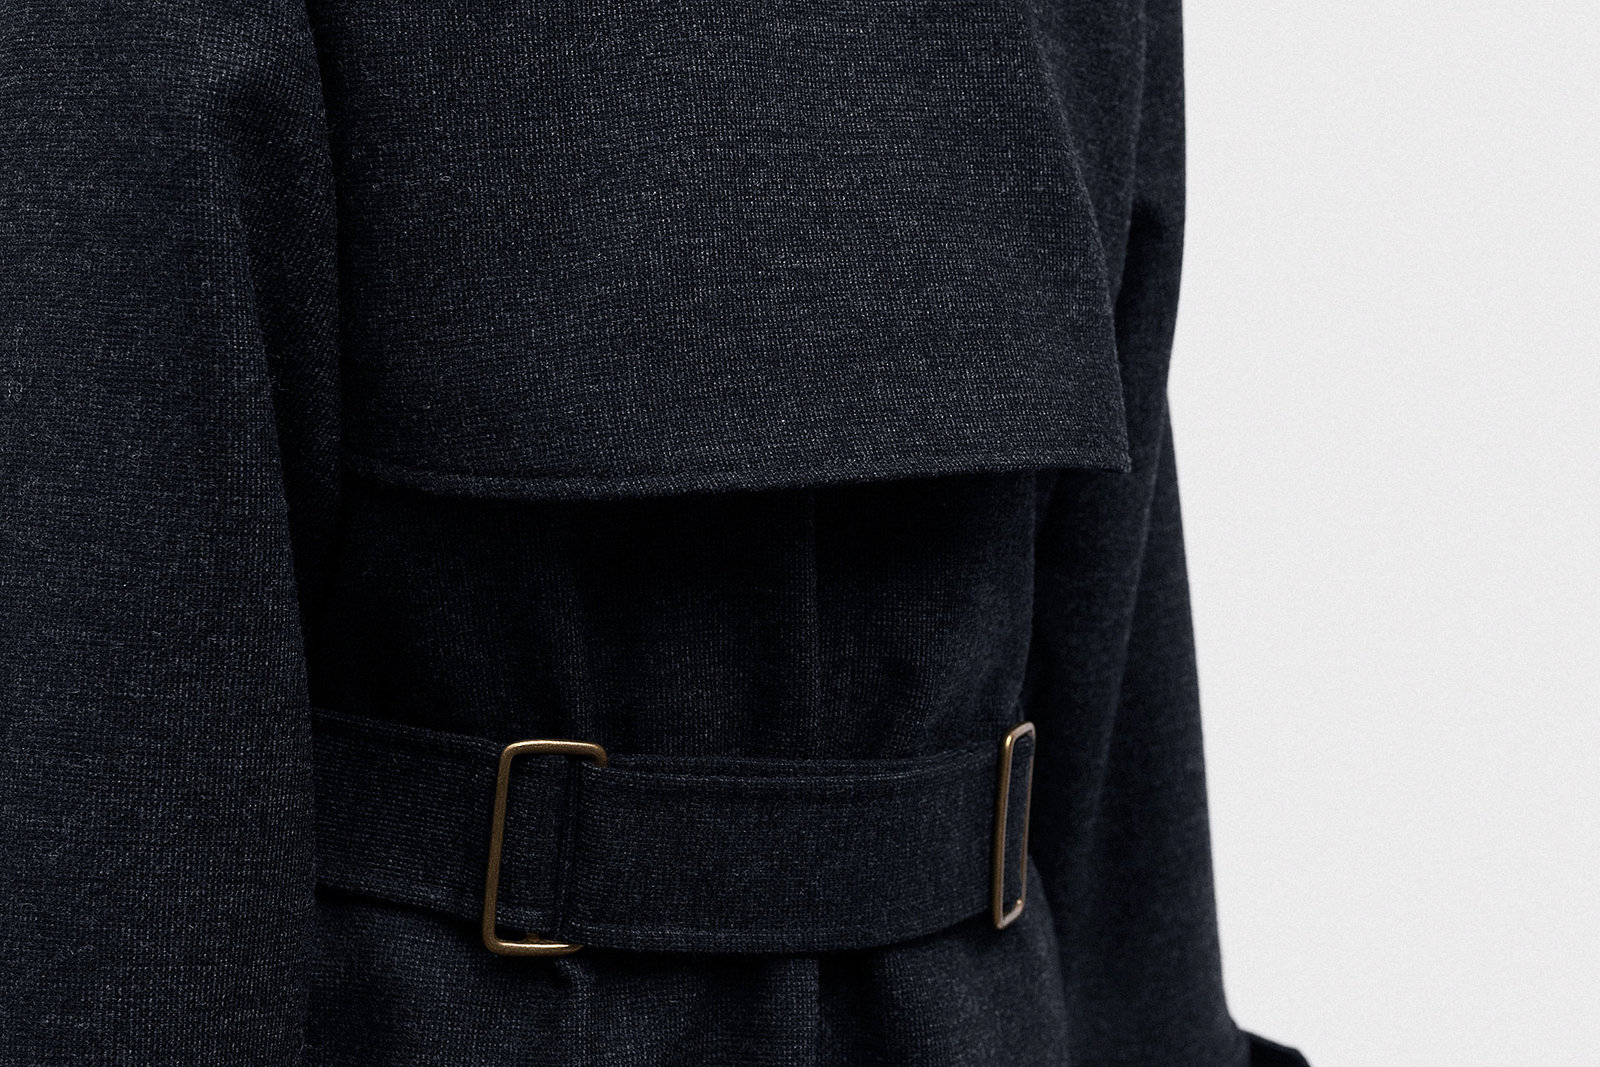 trench-coat-natte-tweed-dark-navy-8@2x.jpg